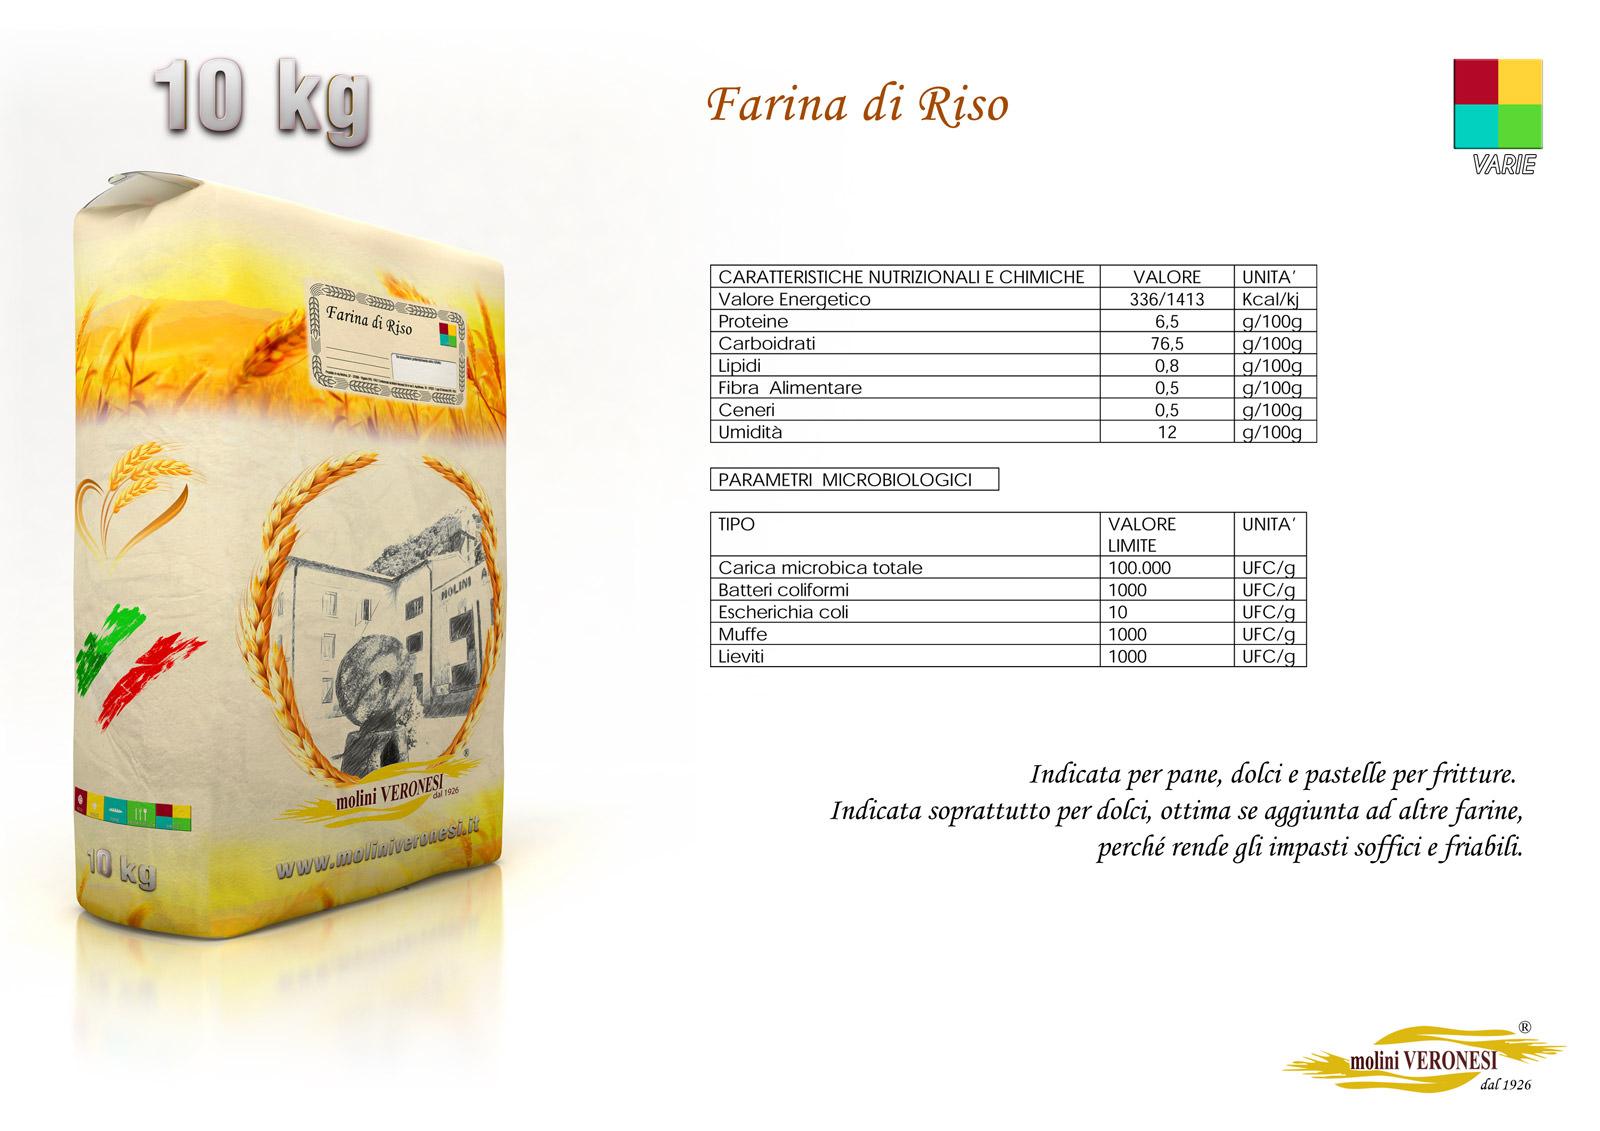 Farina di Riso 10 Kg